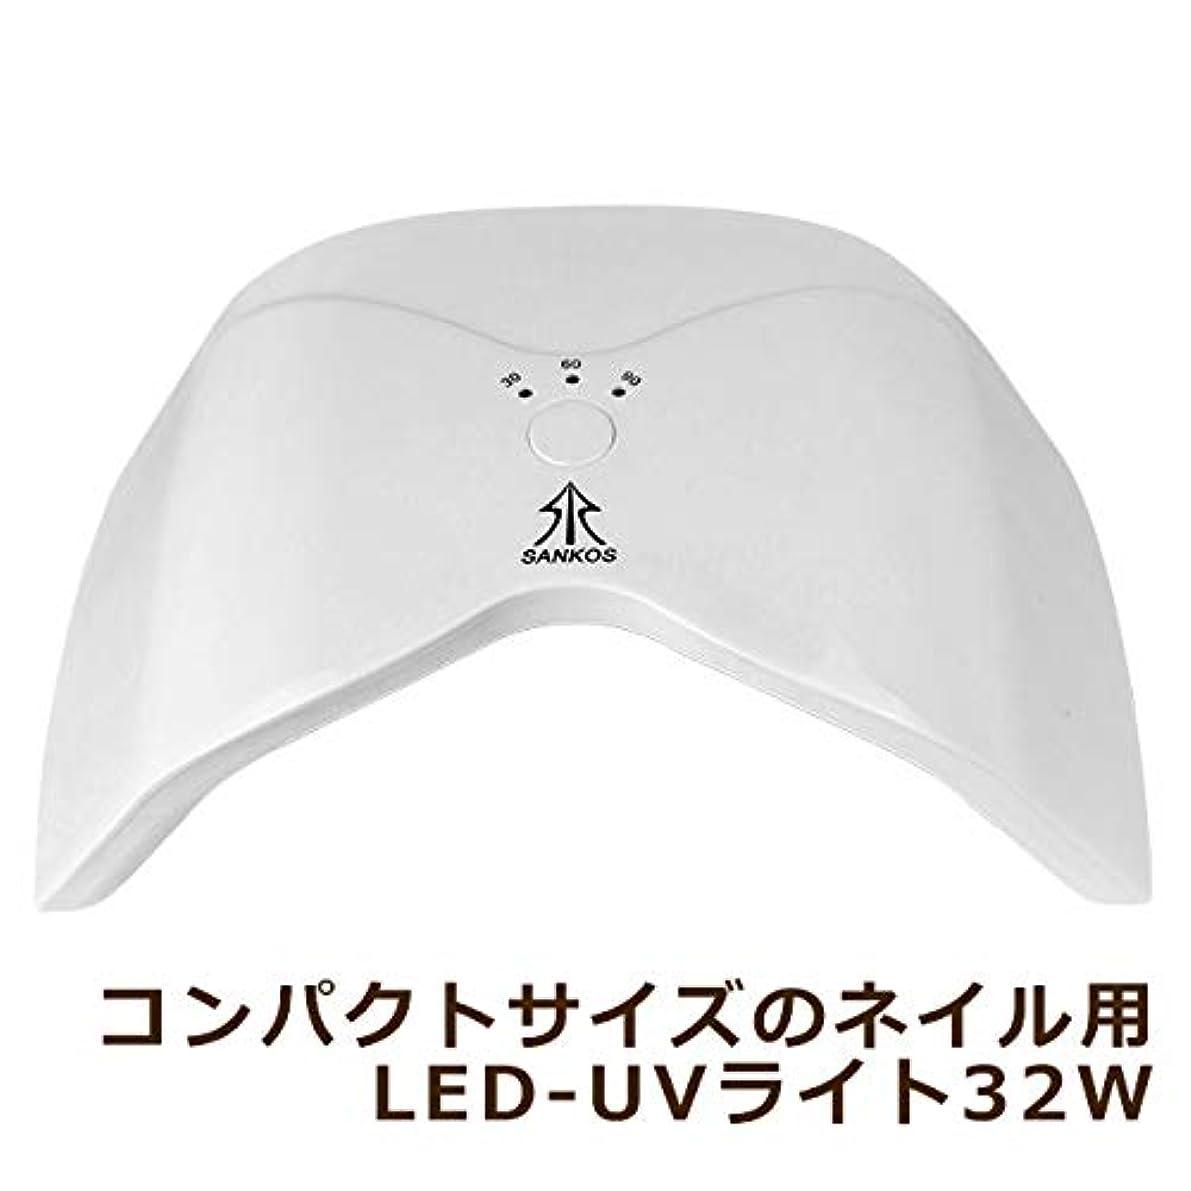 おとうさんパイント遮る【新入荷】コンパクトサイズ ネイル用 LED-UVライト 32W (LED&UV両方対応)30秒?60秒?90秒タイマー付 (ホワイト)